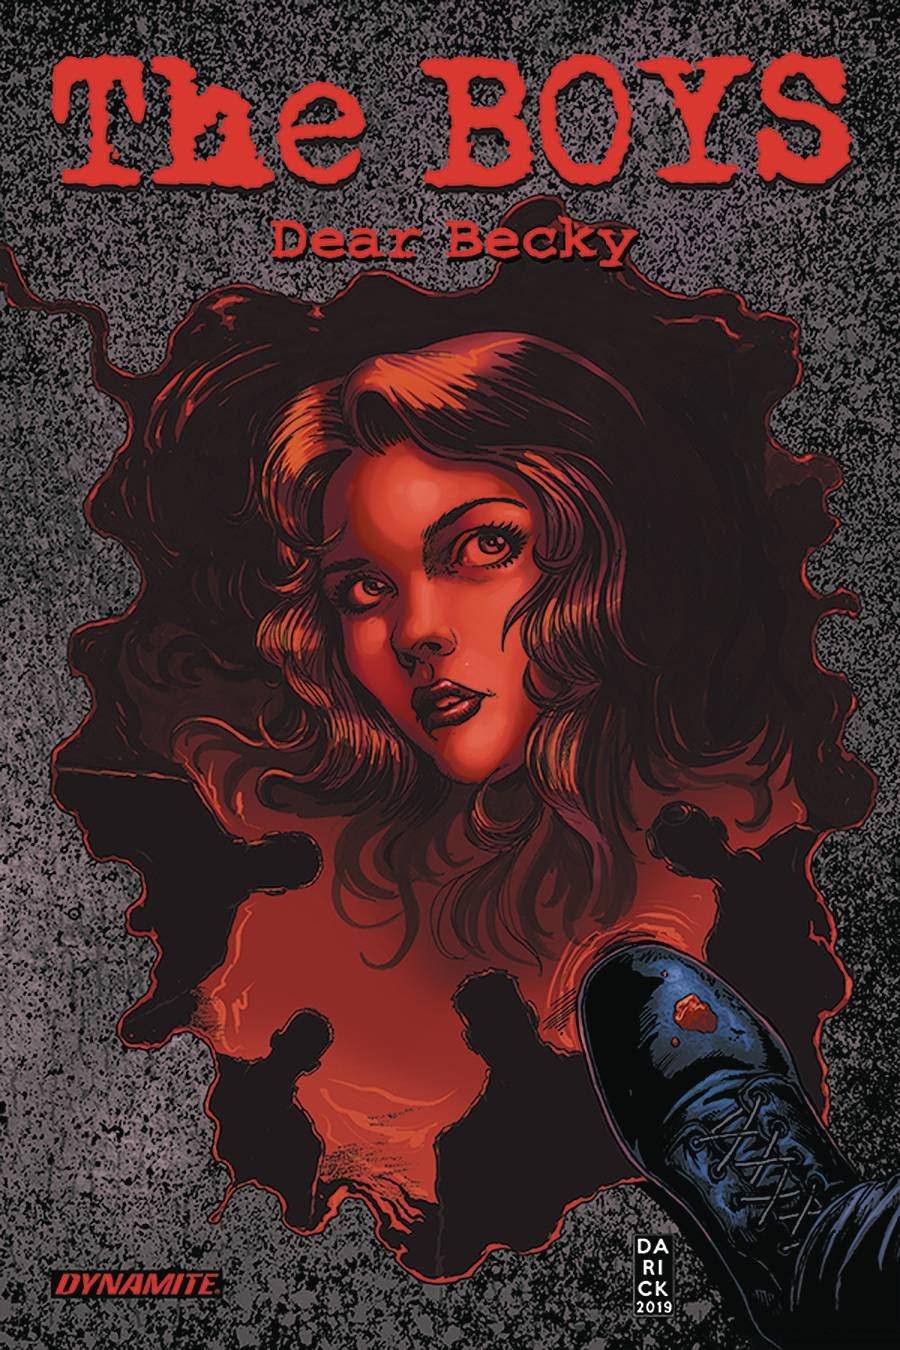 The-Boys-Dear-Becky